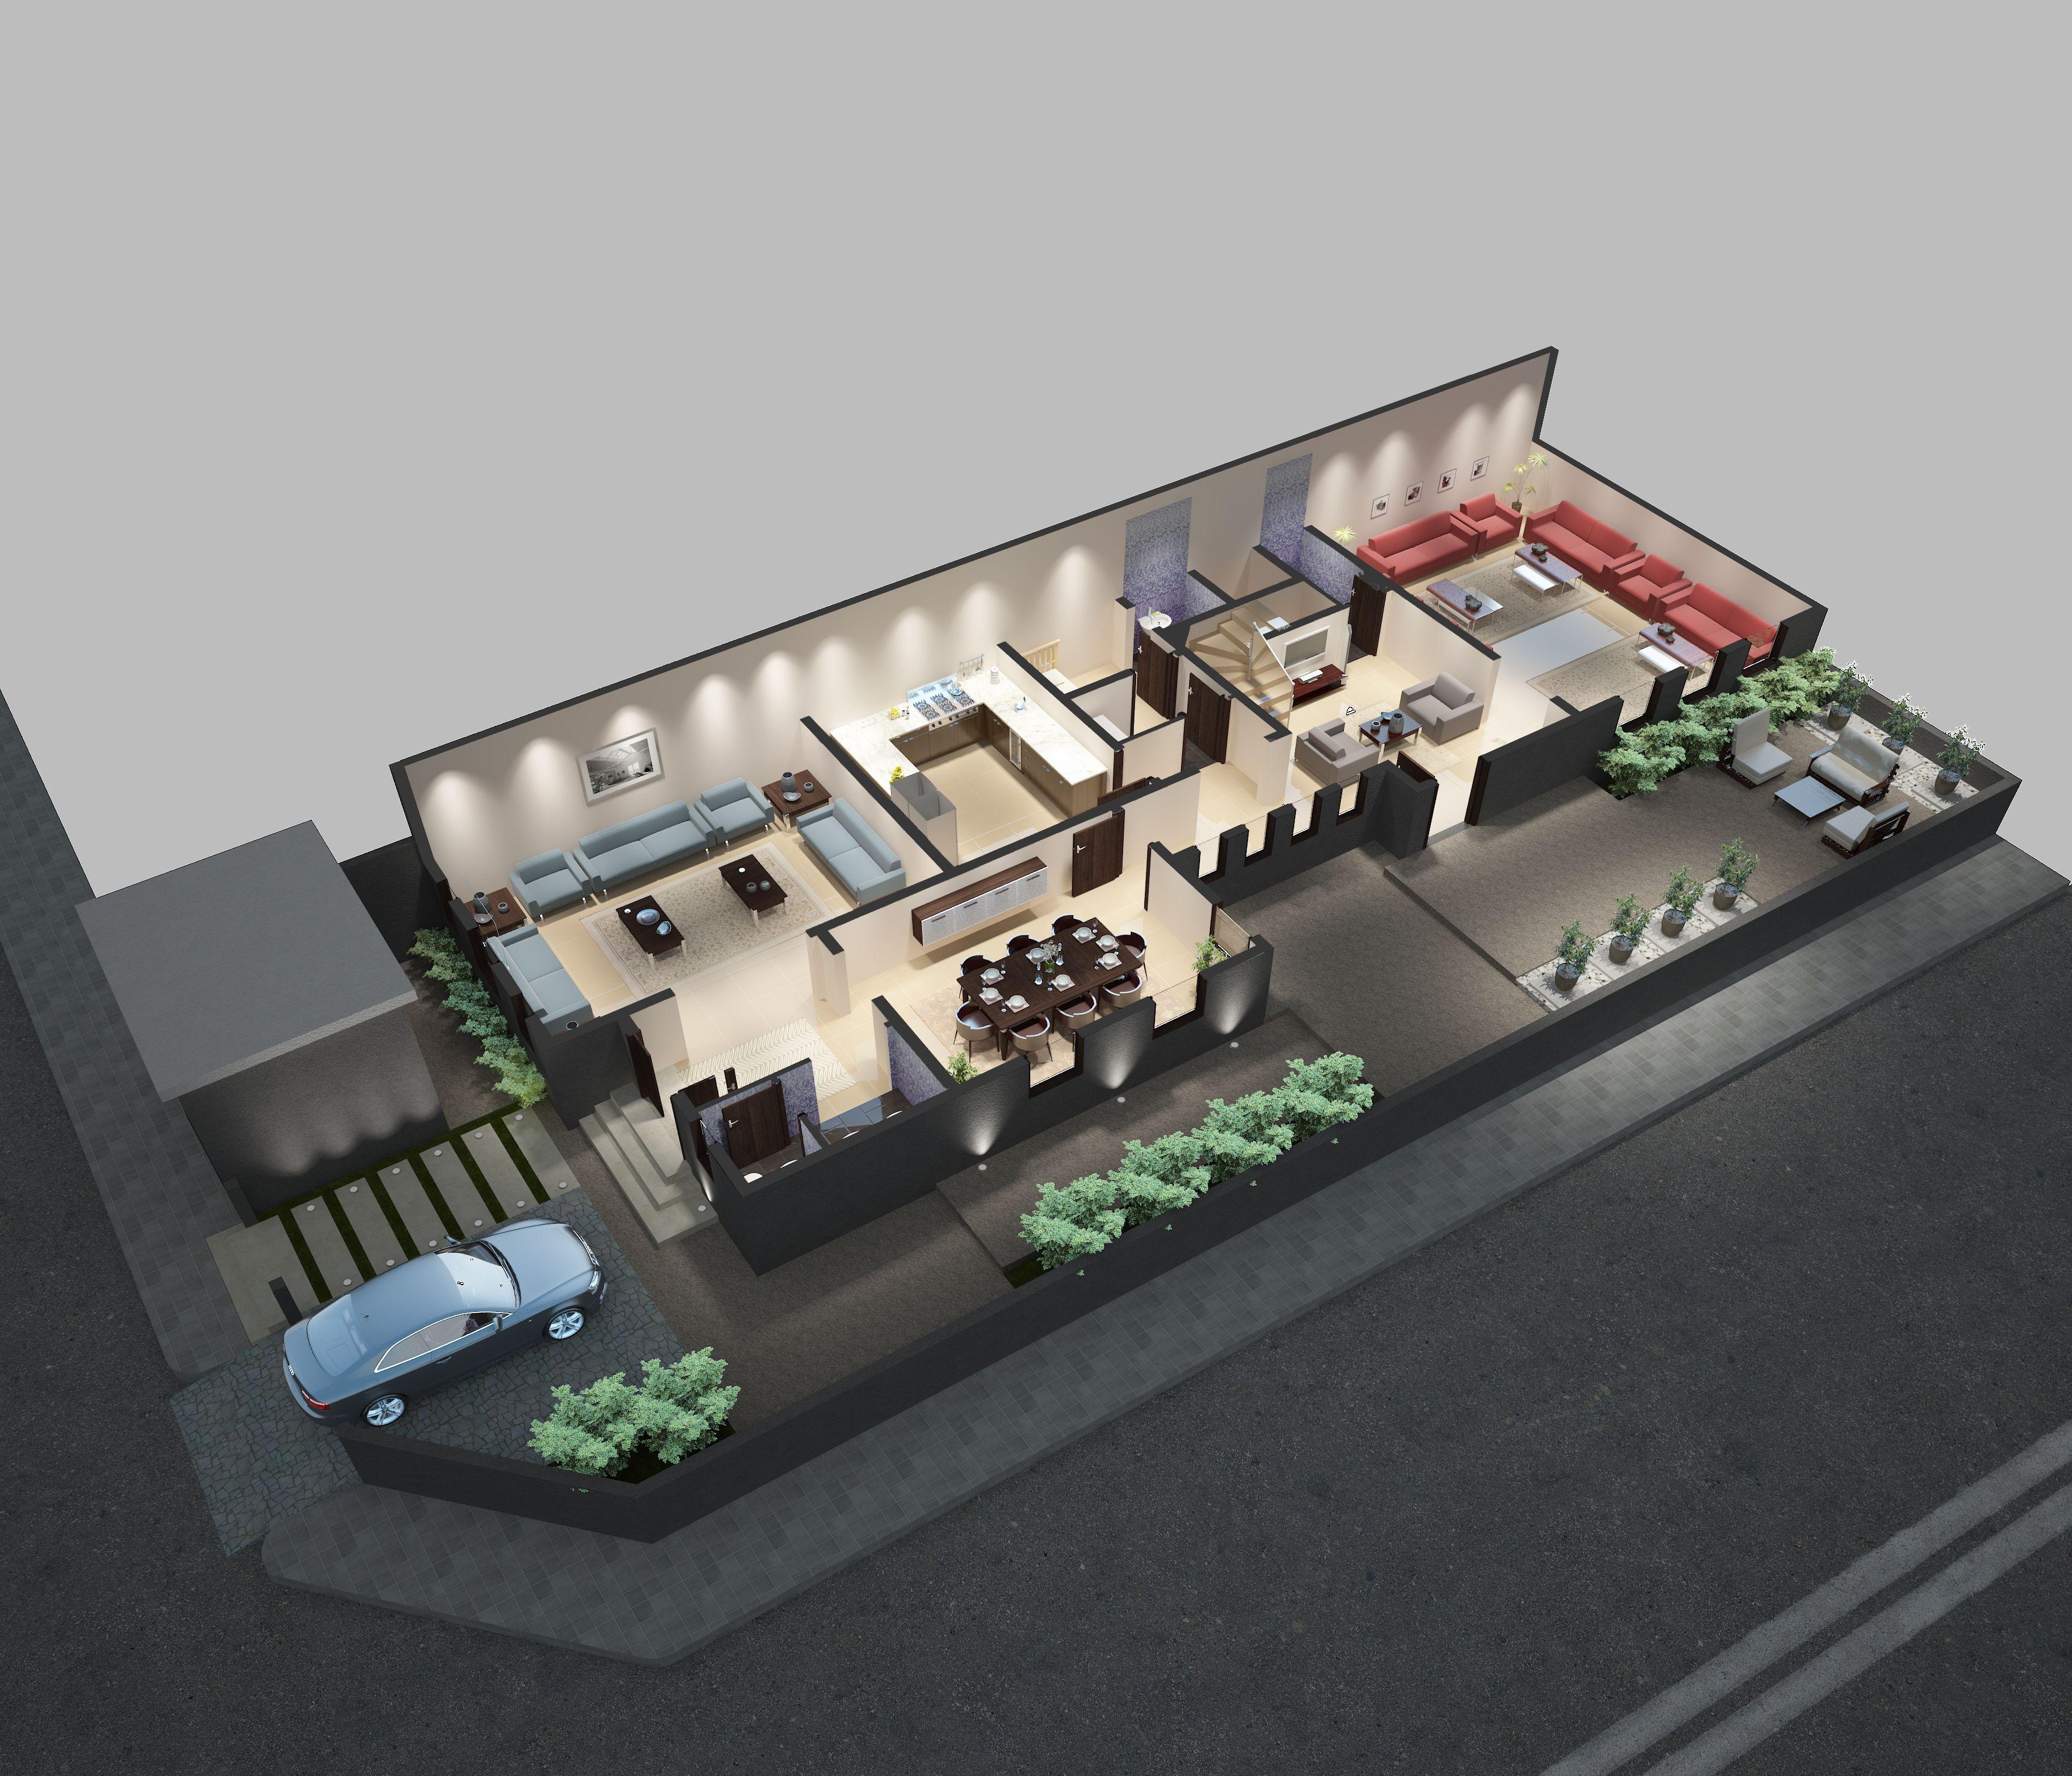 التصميم الداخلي للدور الارضي B رياس العقارية رياس جدة عقار عائلة حلم مستقبل بيت منزل ديكورات House Styles House Home